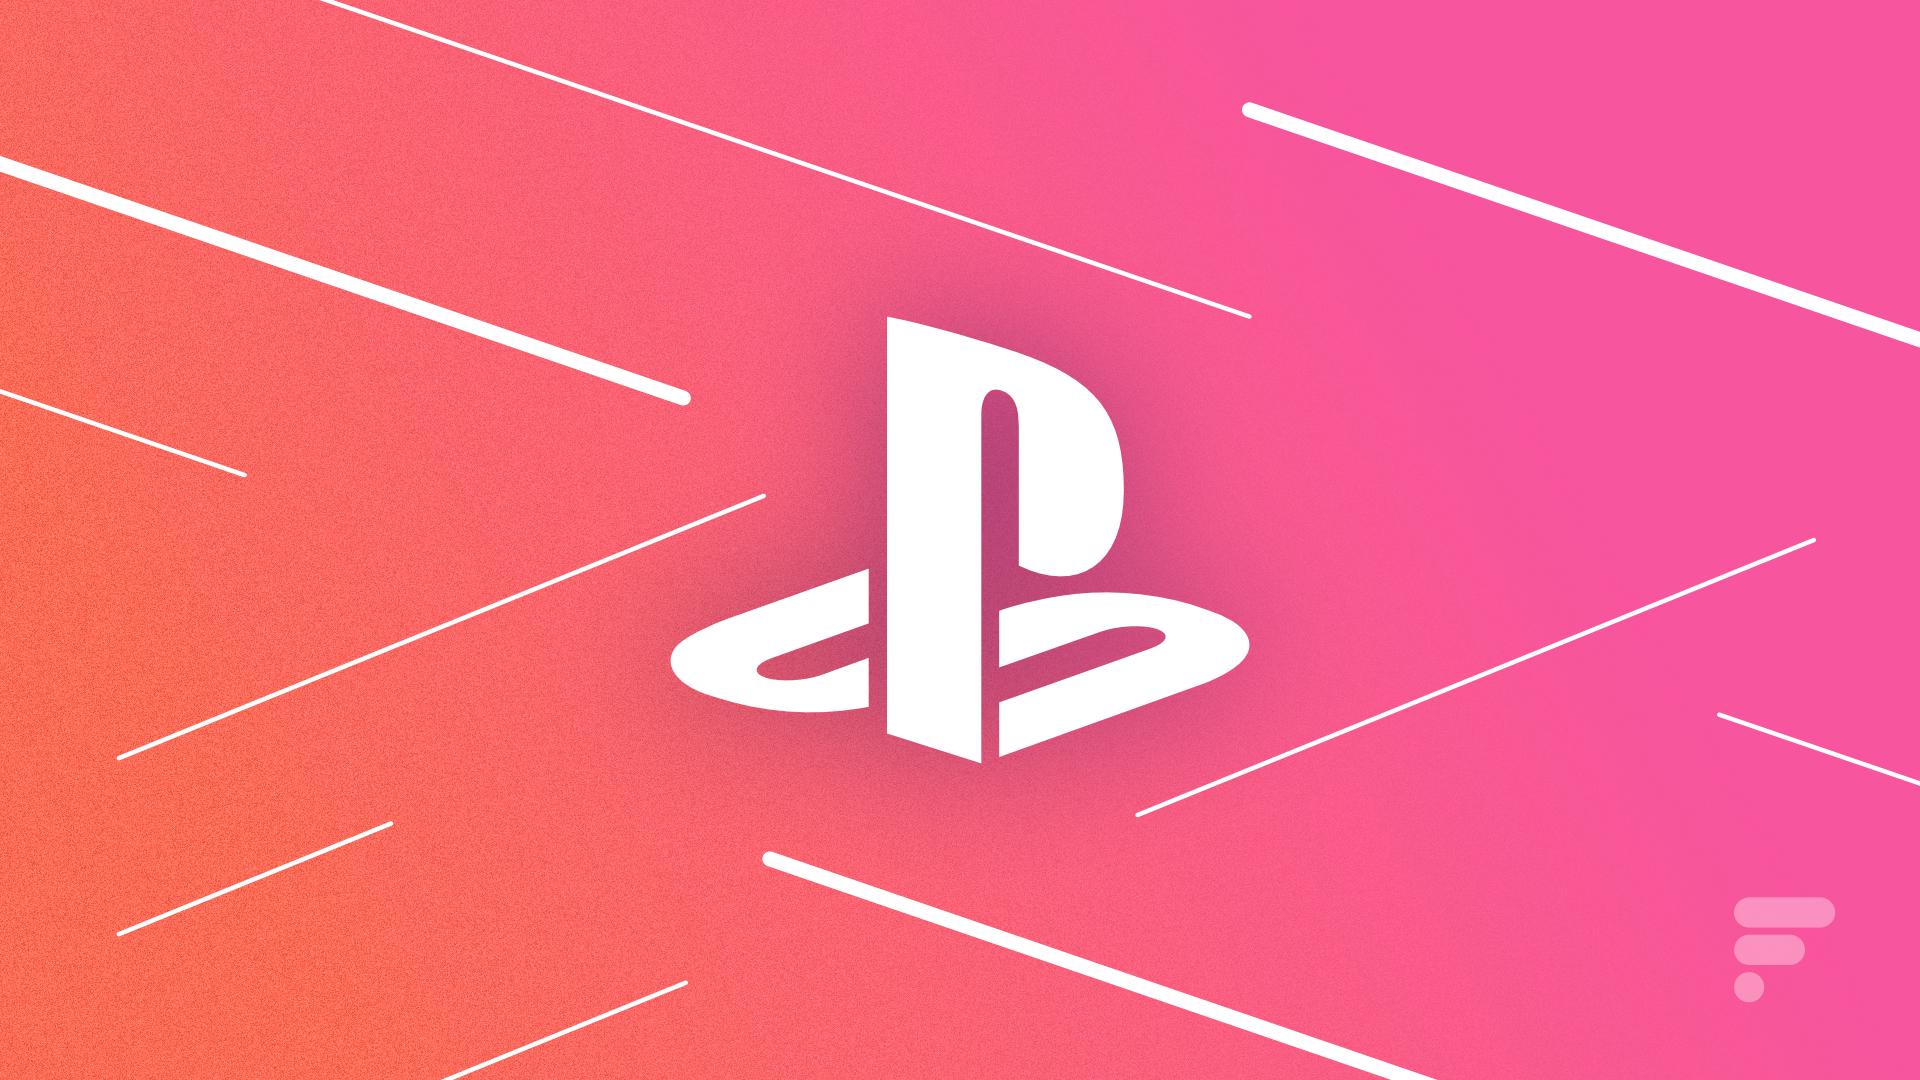 Comment le PS Plus devient l'arme de PlayStation contre le Xbox Game Pass